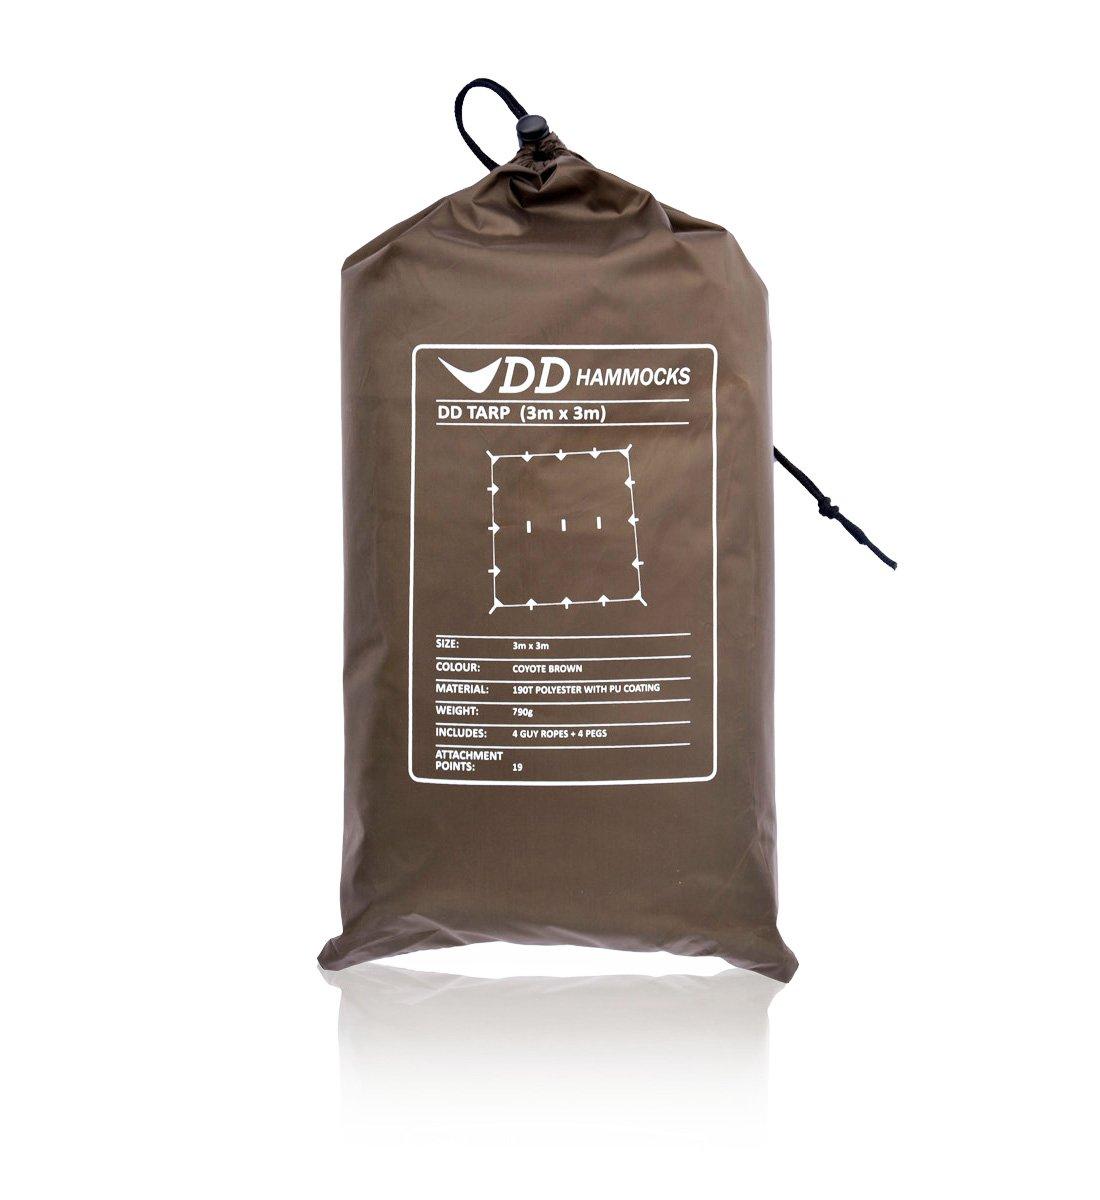 DD Bâche légère, polyvalente et résistante 3 m x 3 m product image